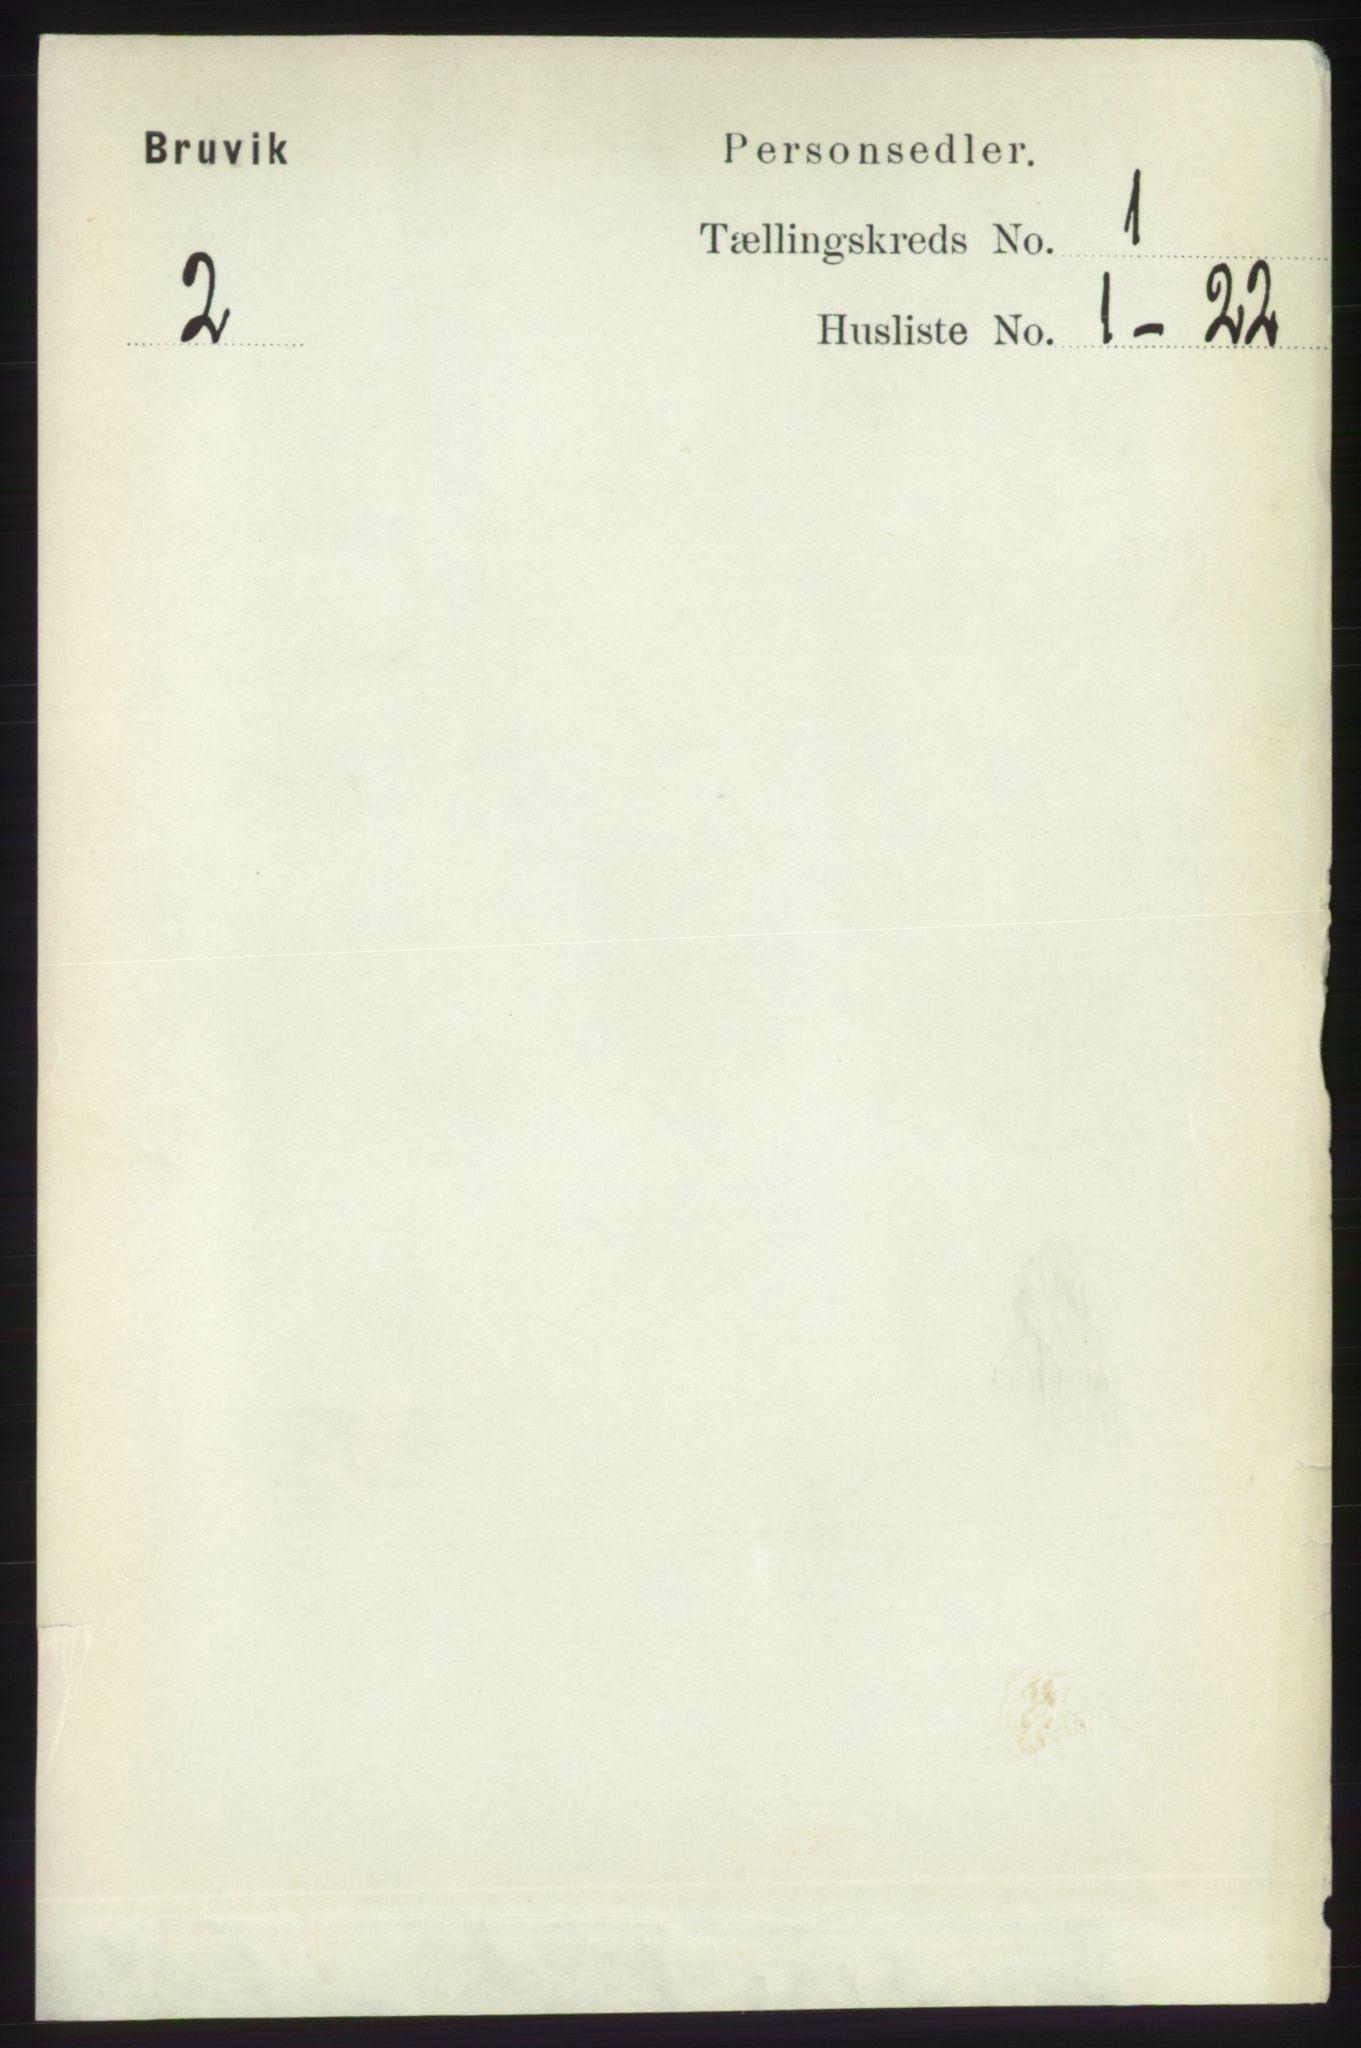 RA, Folketelling 1891 for 1251 Bruvik herred, 1891, s. 70